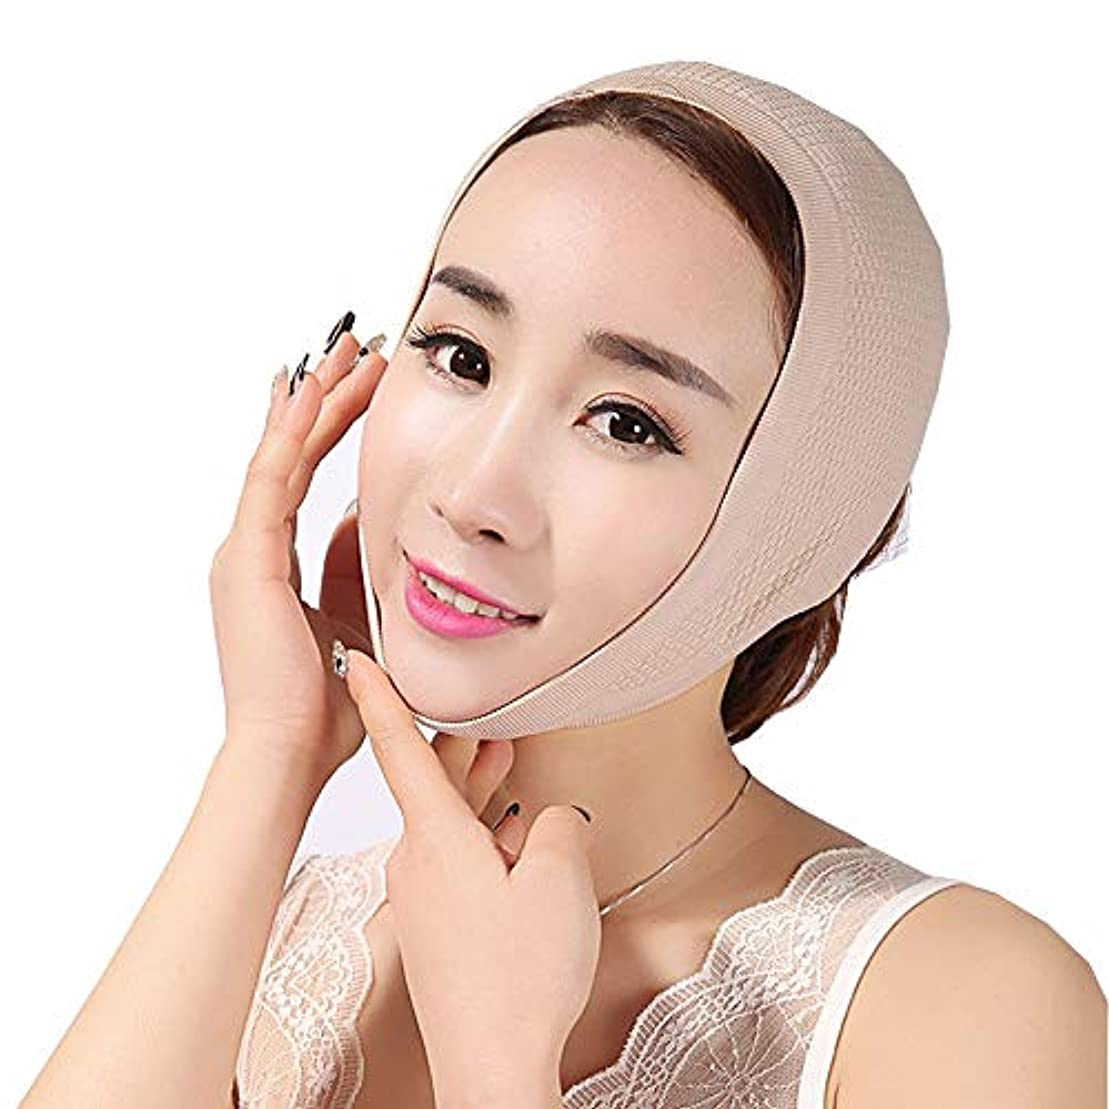 強調する誰でも楽しませるJia Jia- フェイスマスクで眠る薄い顔フェイスリフトフェイスリフトアーティファクトスモールフェイスVフェイスリフト付きフェイスフェイス包帯引き上げジョーセット 顔面包帯